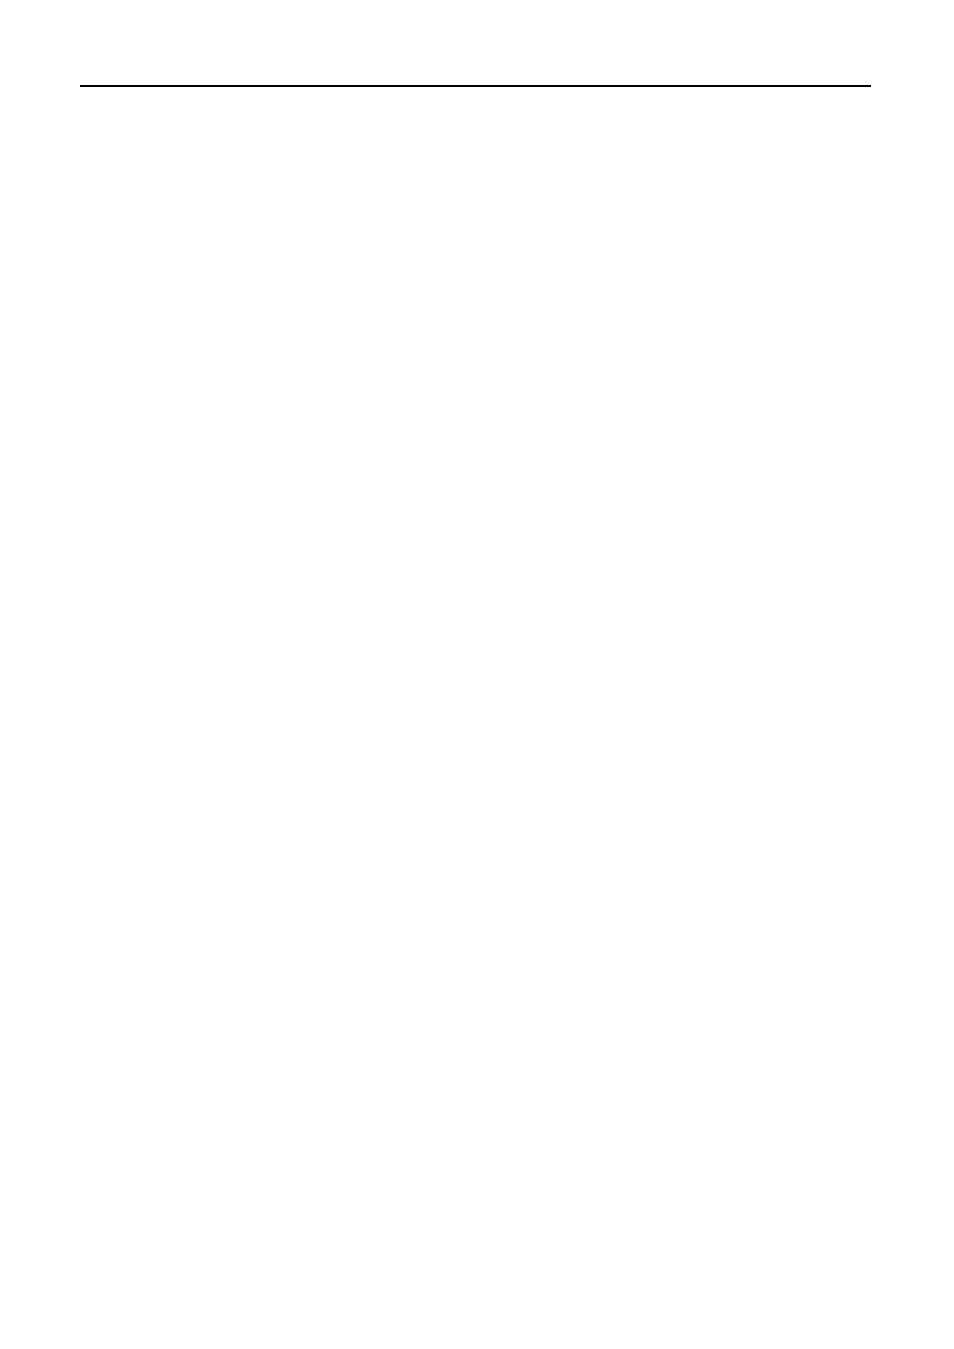 Trigger sensors (ref & sync), Ref sensor, Sync sensor